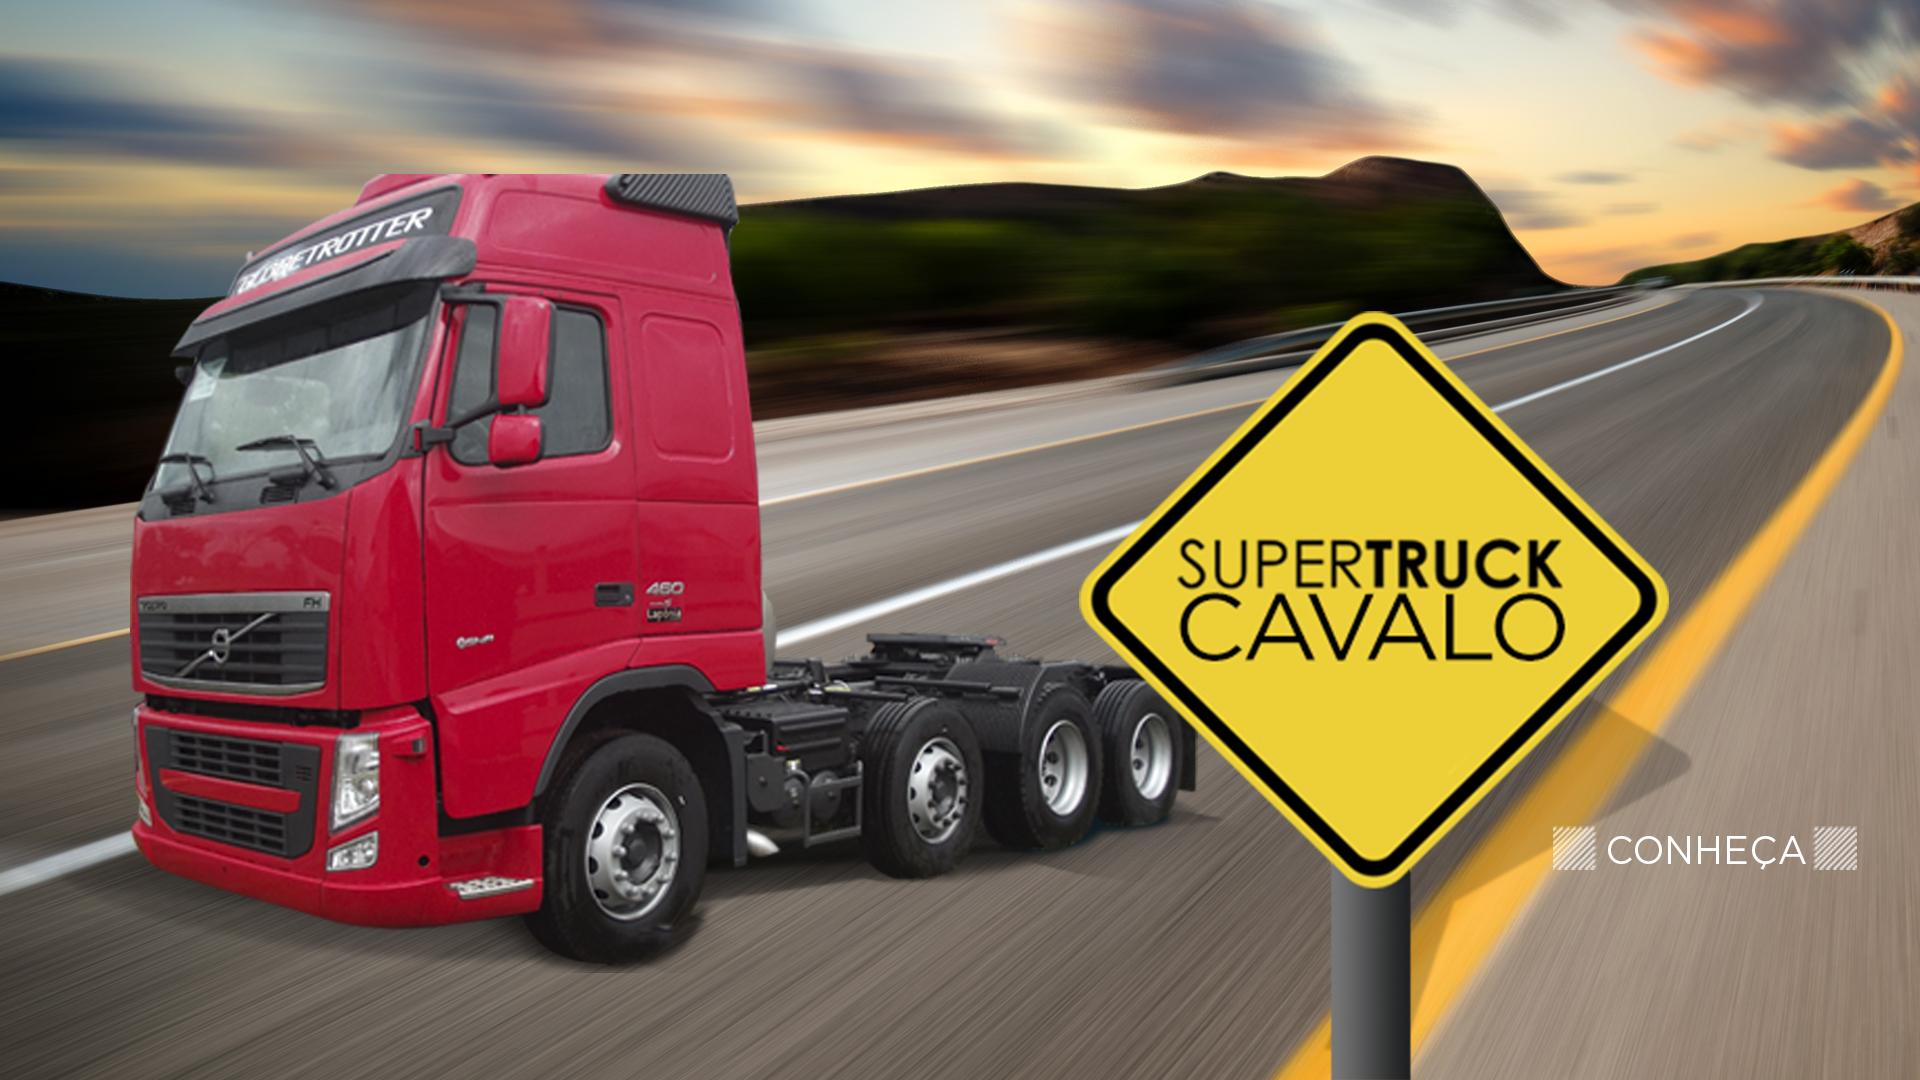 Super Truck Cavalo